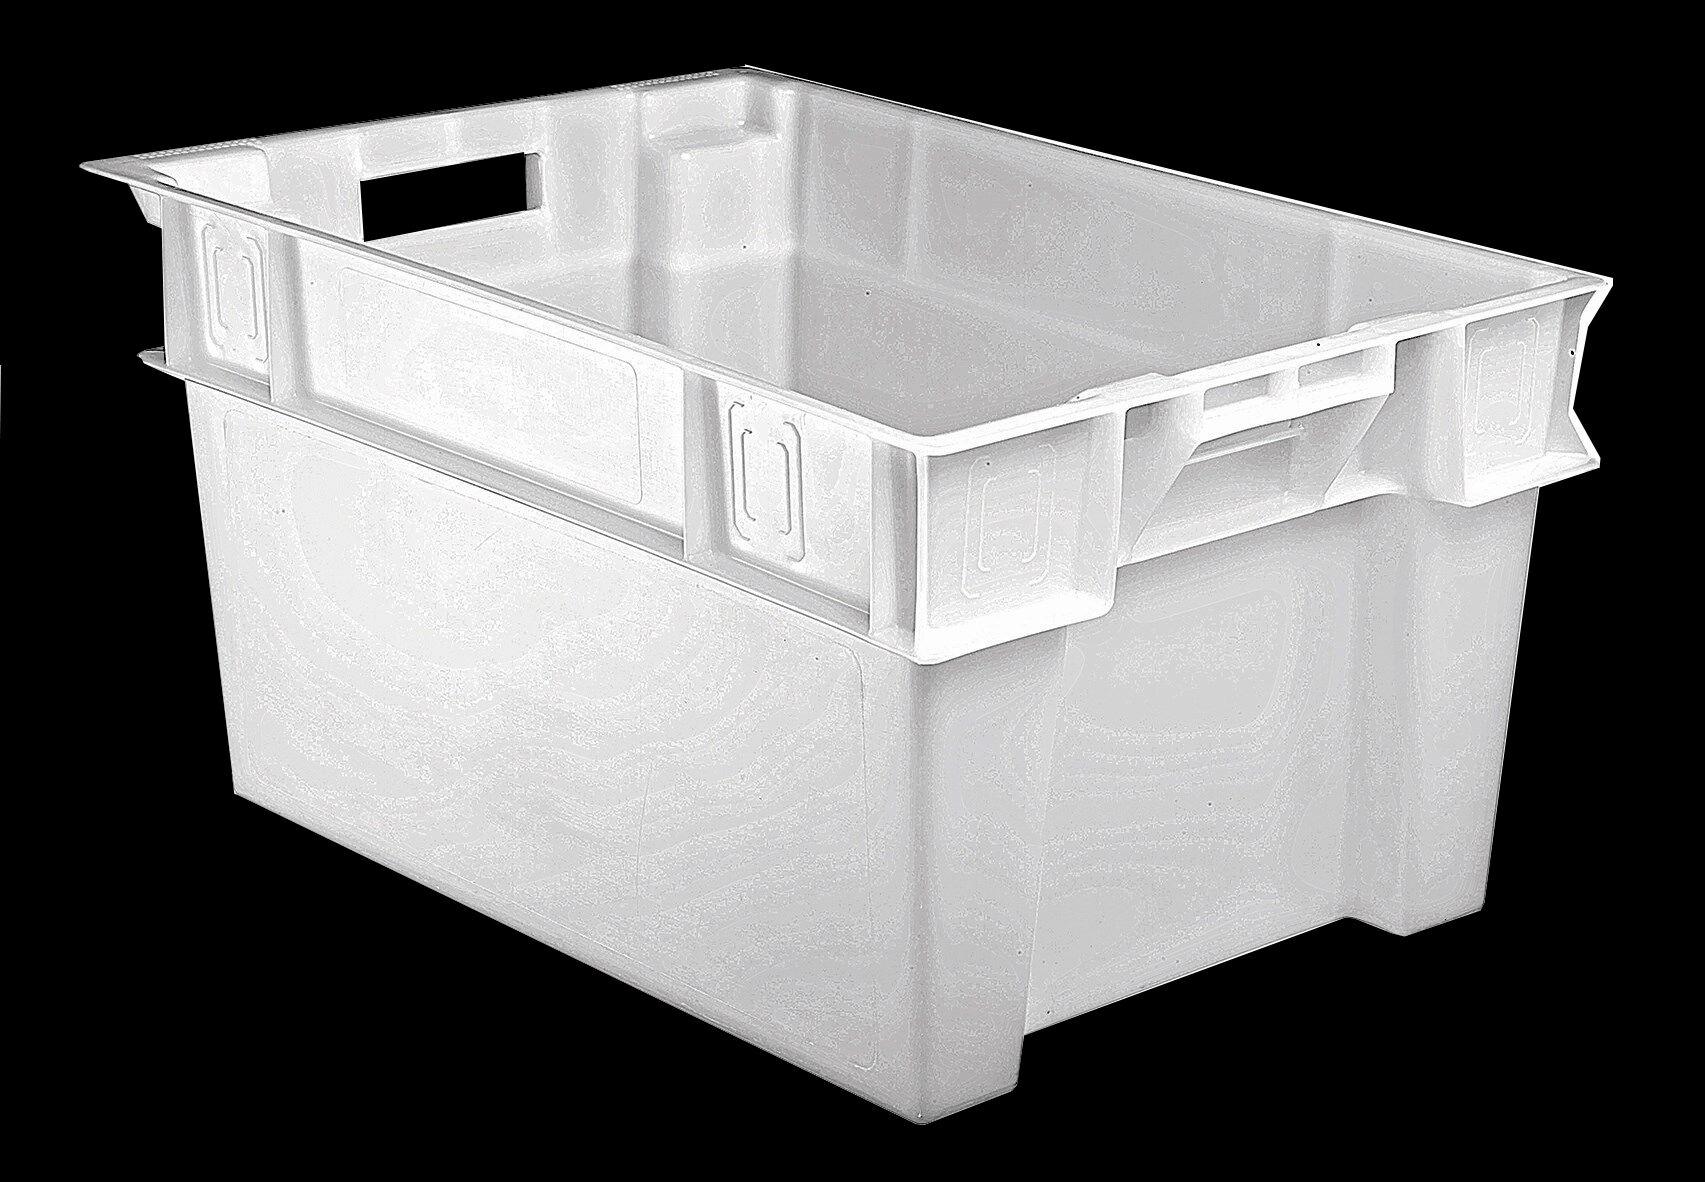 SETAM Bac alimentaire plastique professionnel blanc 50 litres H300